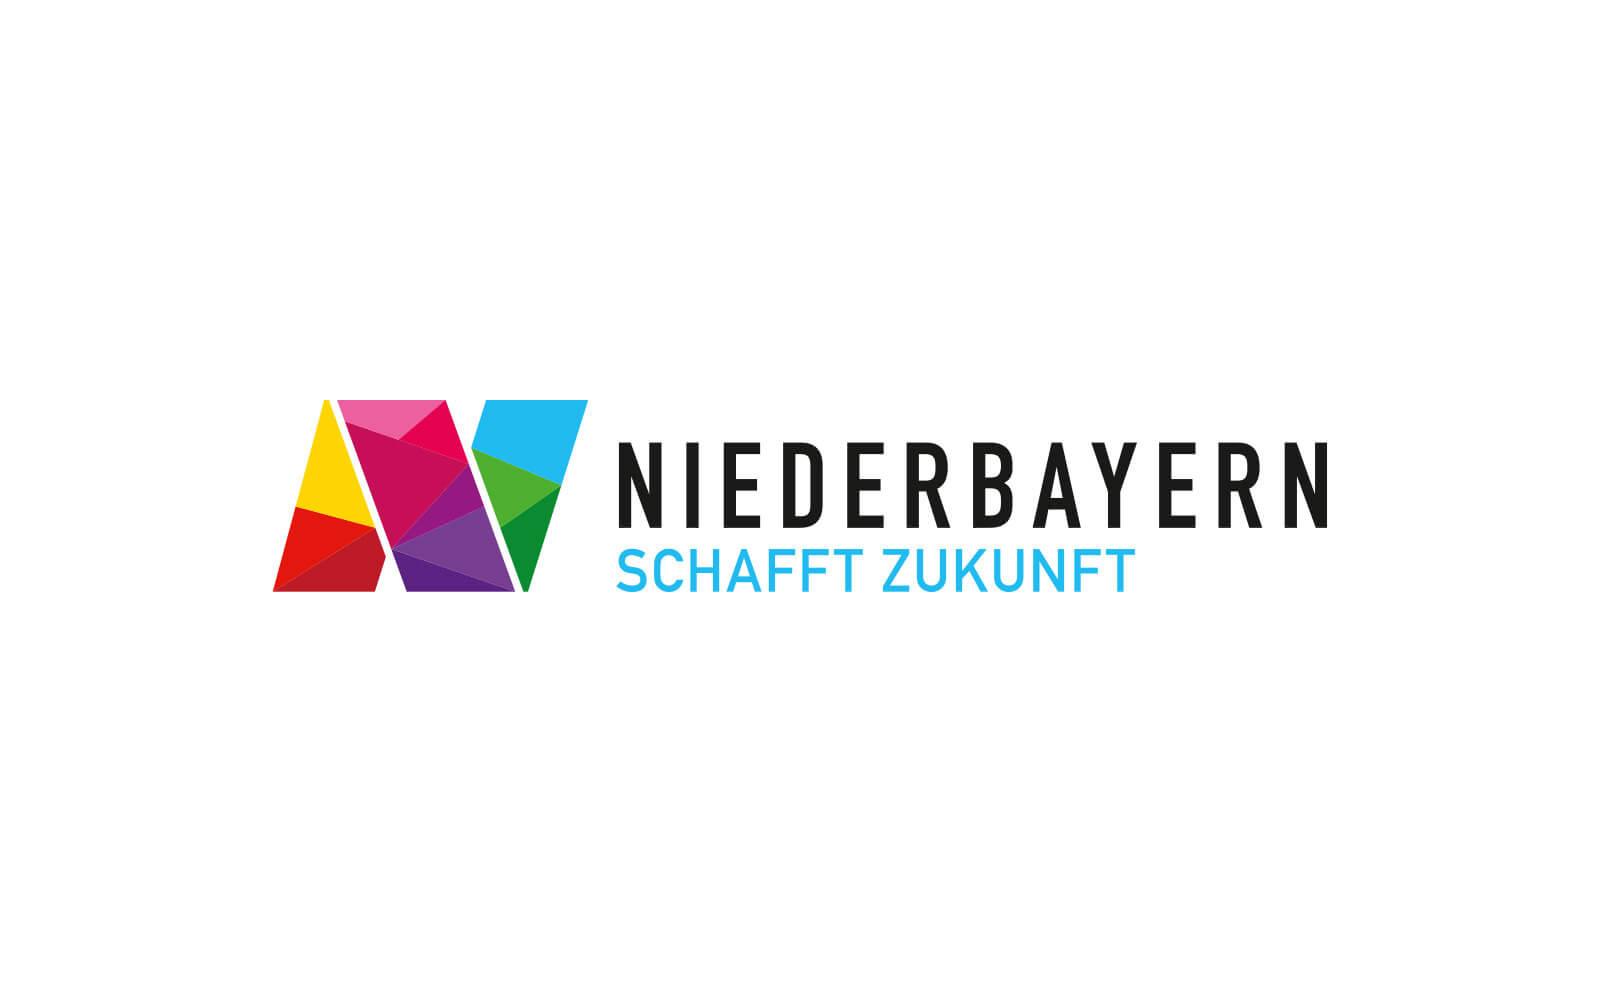 Niederbayern Logo – Dachmarke »Schafft Zukunft« quer